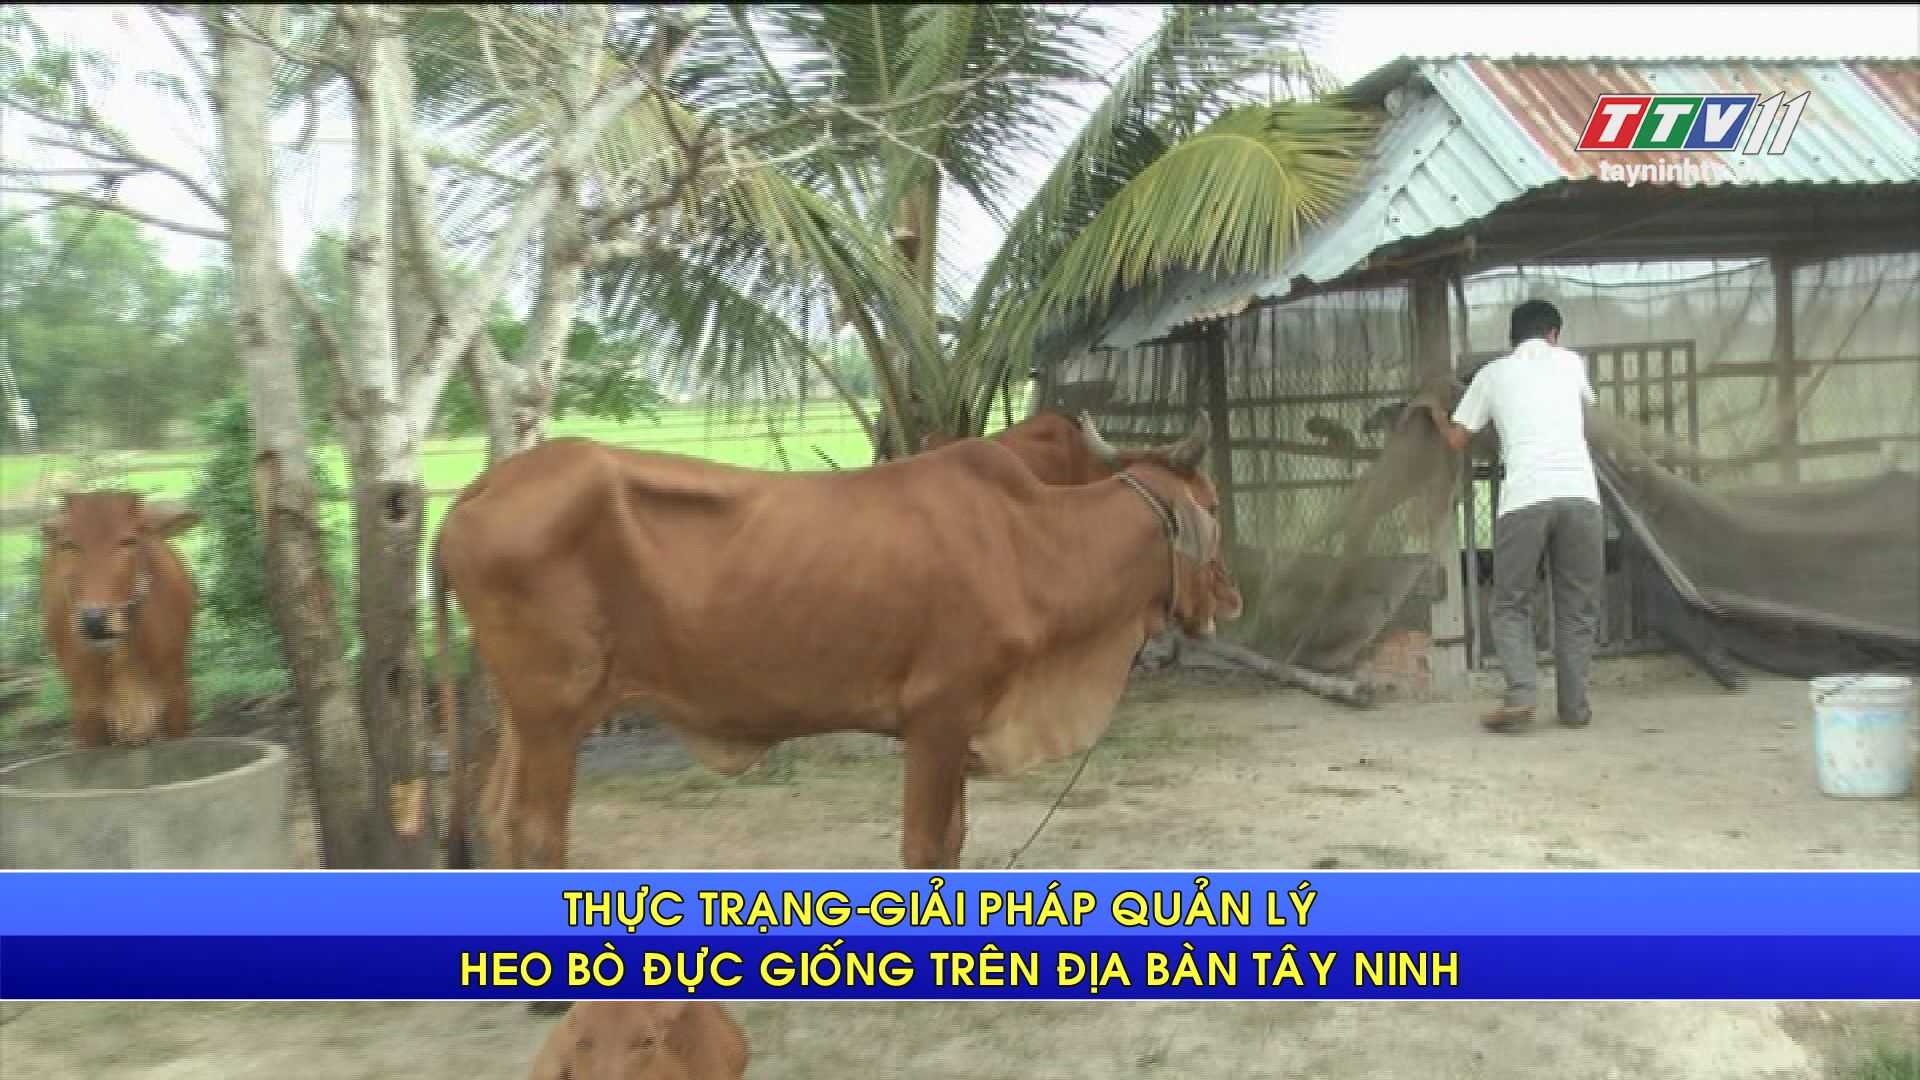 Thực trạng giải pháp quản lý heo bò đực giống trên địa bàn Tây Ninh | NÔNG NGHIỆP TÂY NINH | TayNinhTV